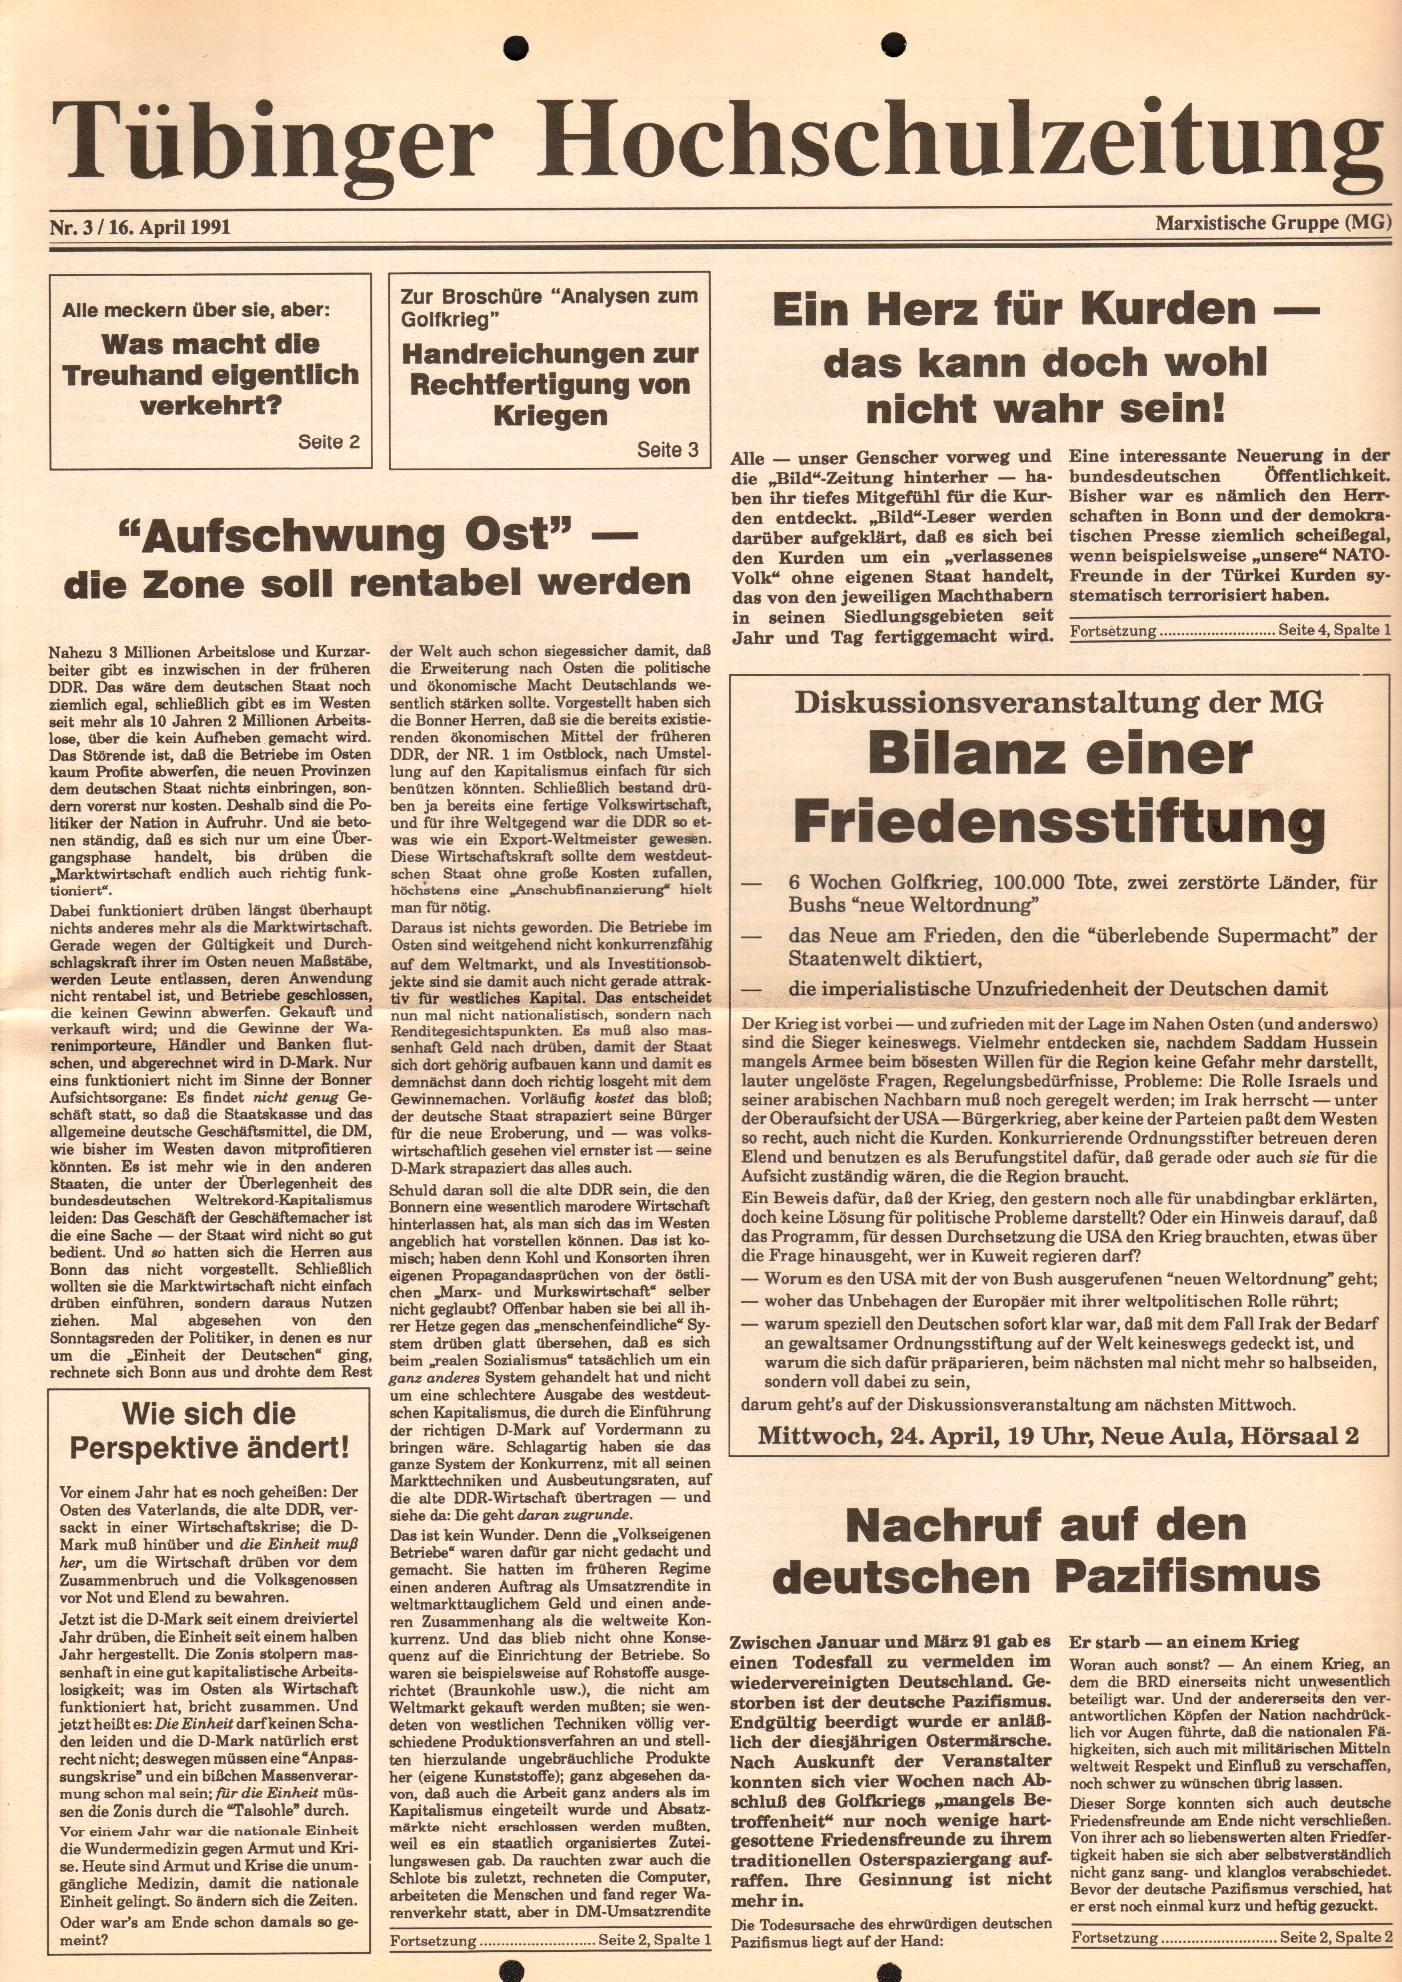 Tuebingen_MG_Hochschulzeitung_1991_03_01